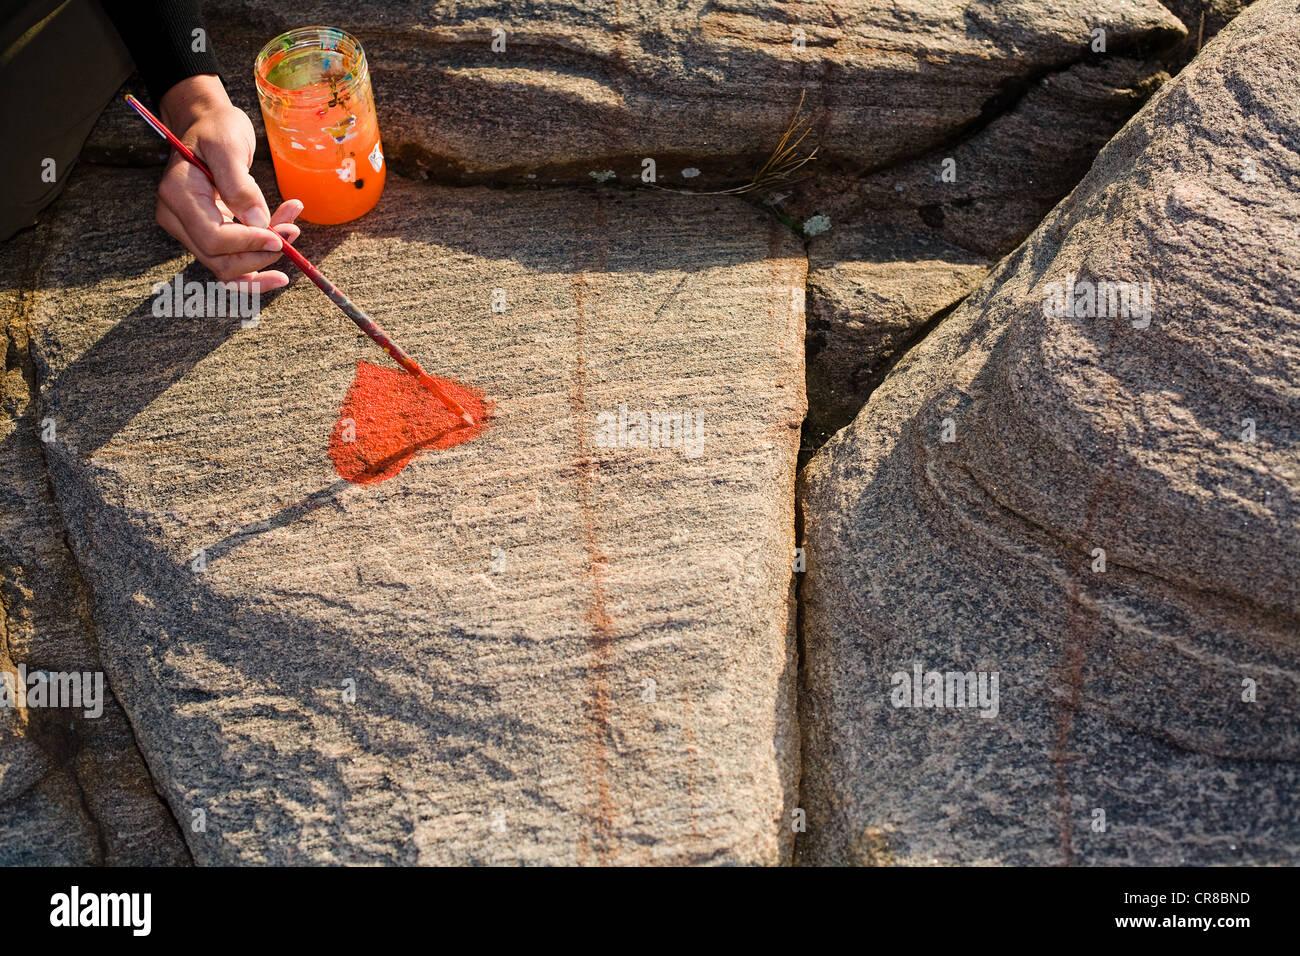 Persona pintando corazón en roca Imagen De Stock